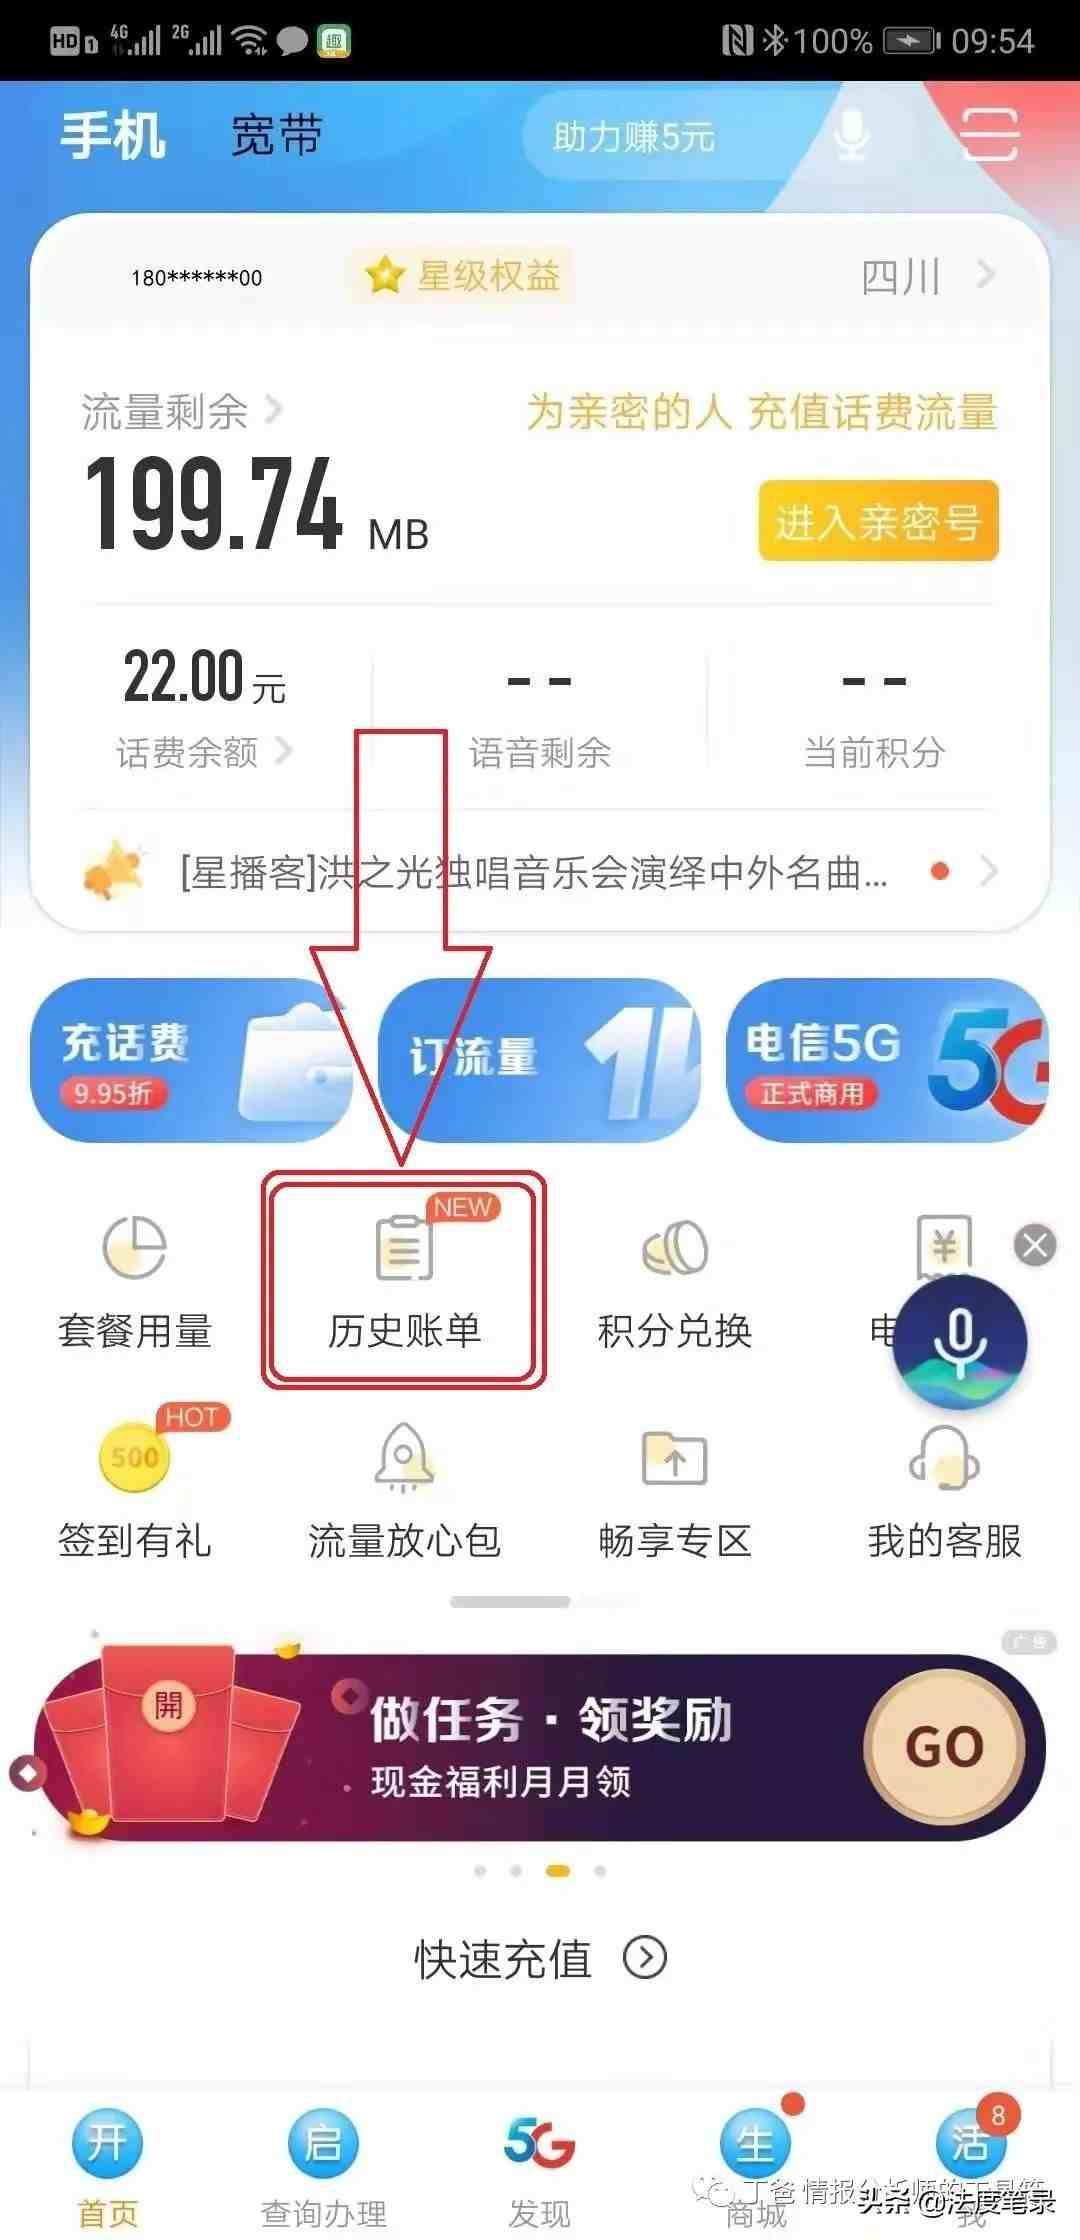 10086如何查通话记录查询(中国移动通话查询详单)